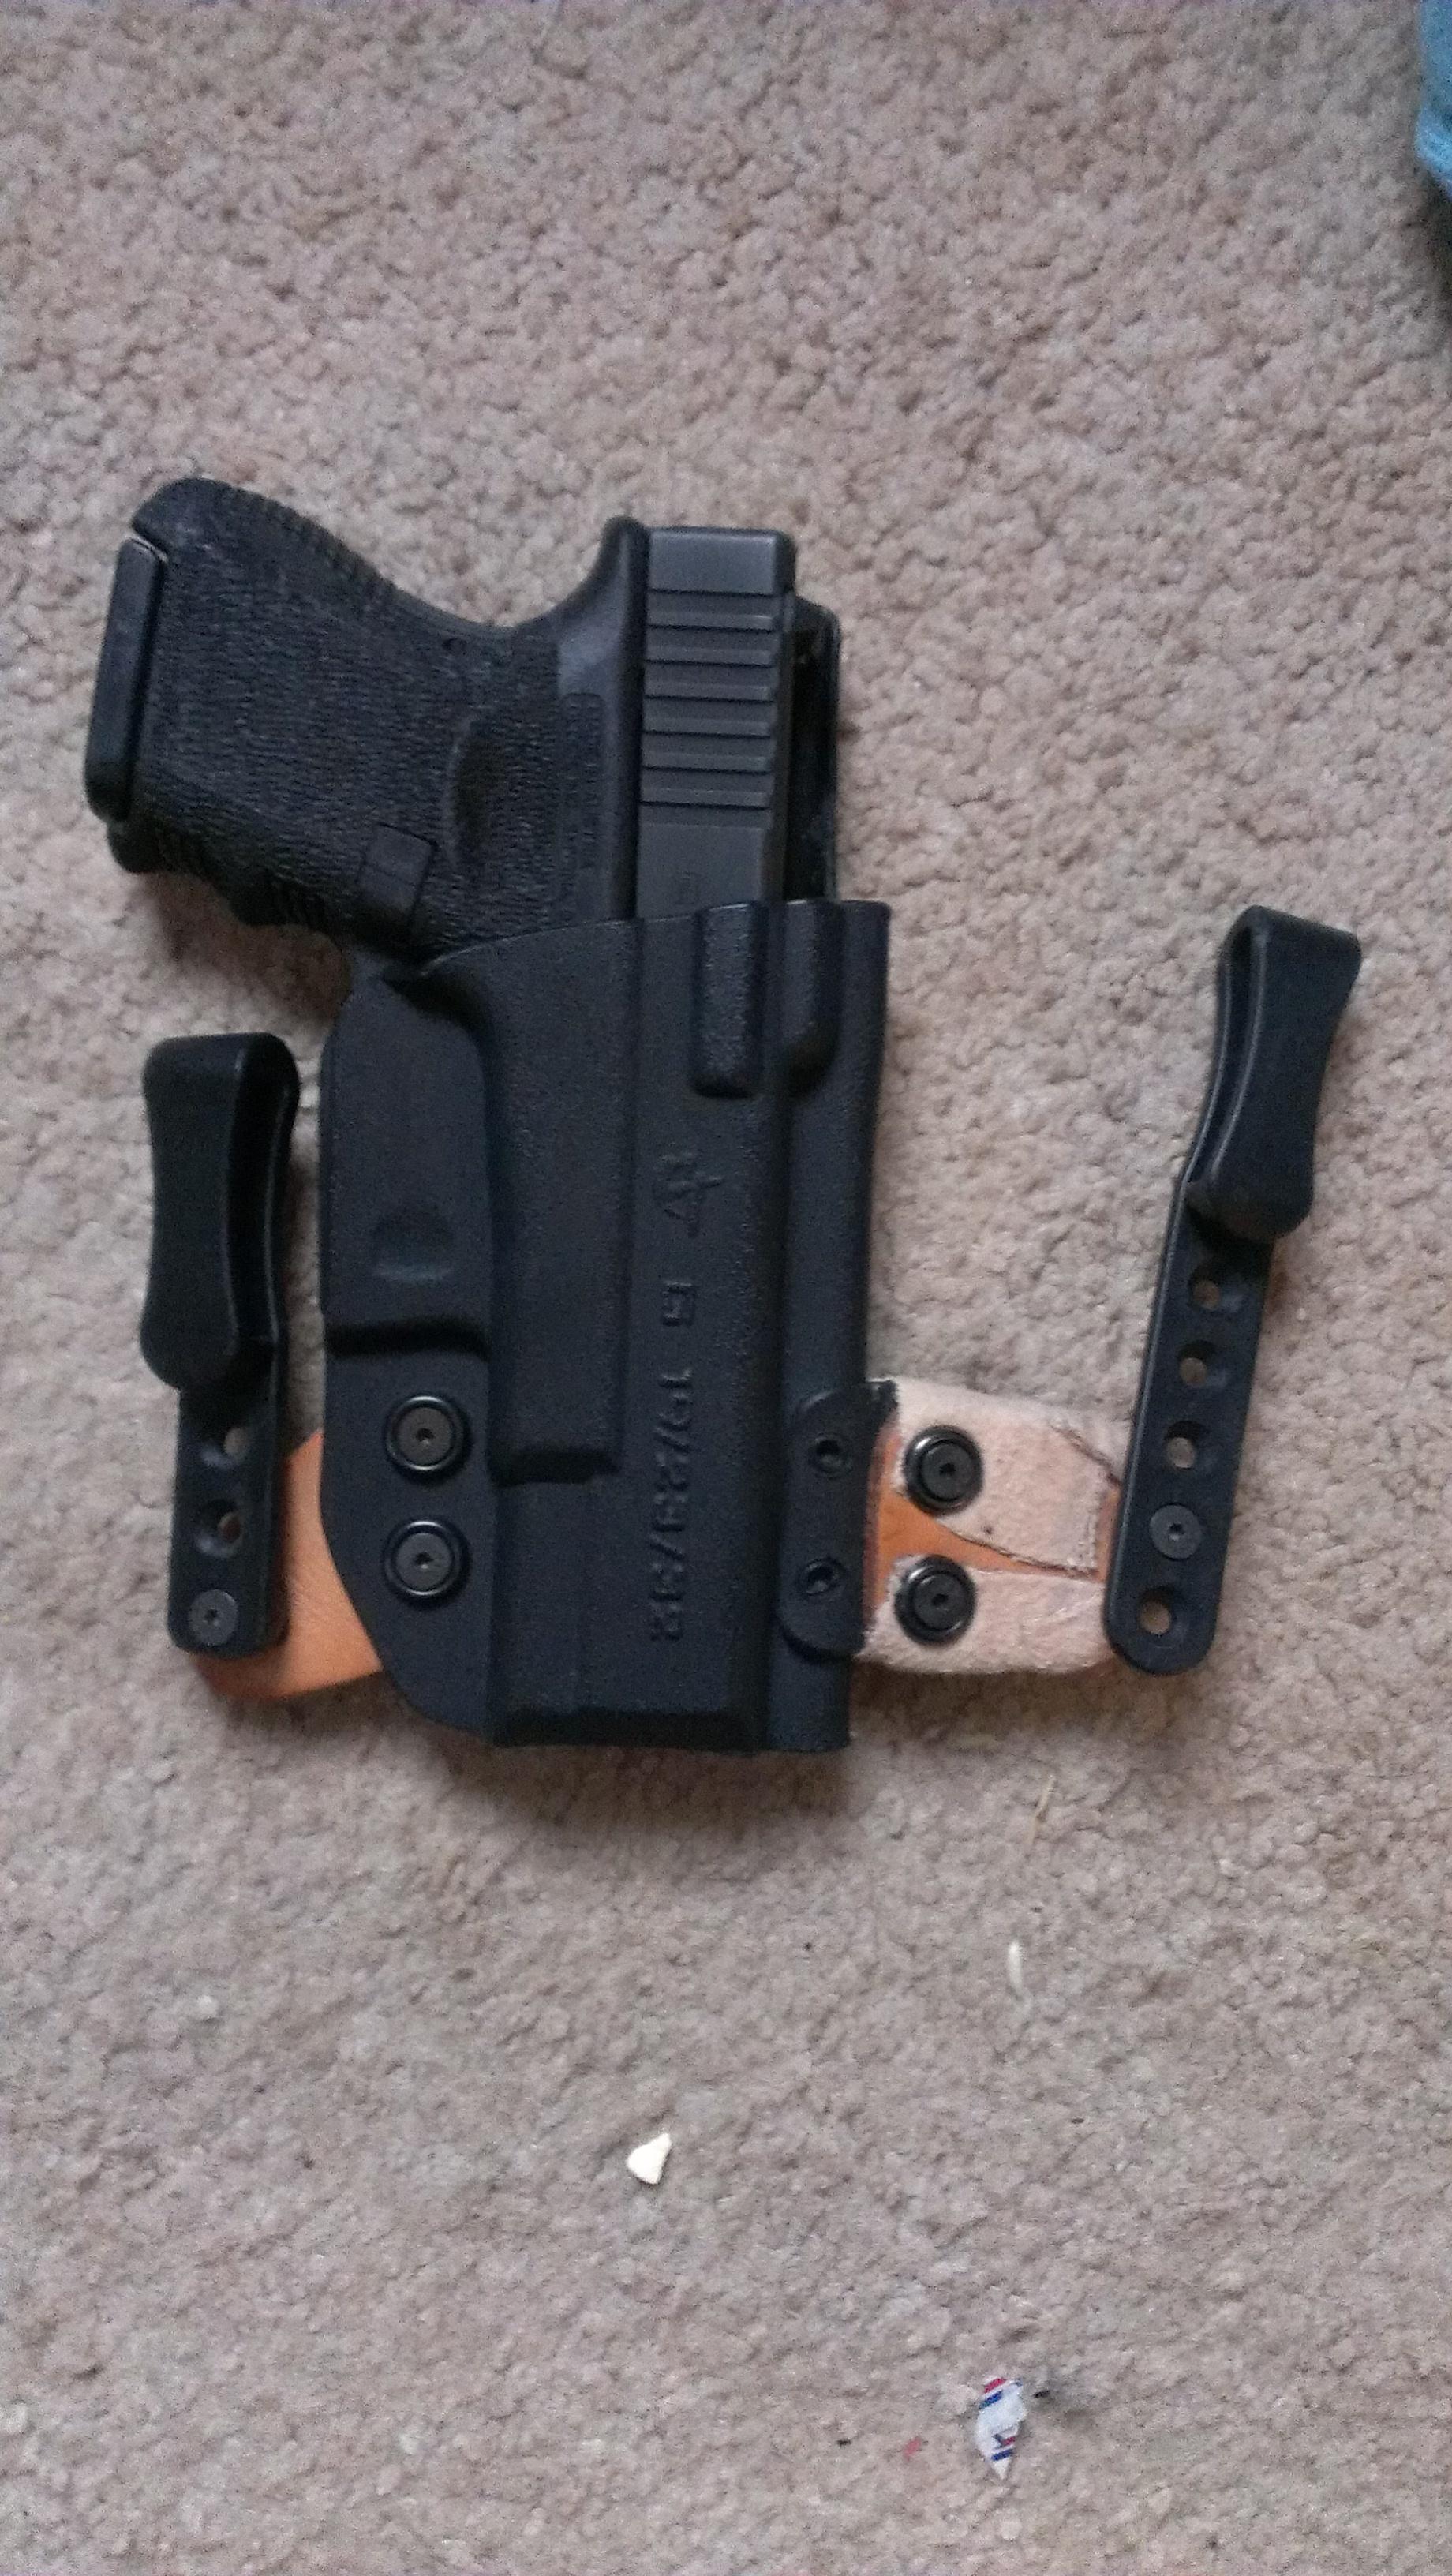 COMPTAC CTAC Holster for Glock 19/23/32 (also works with 26/27/33)-imag0327.jpg